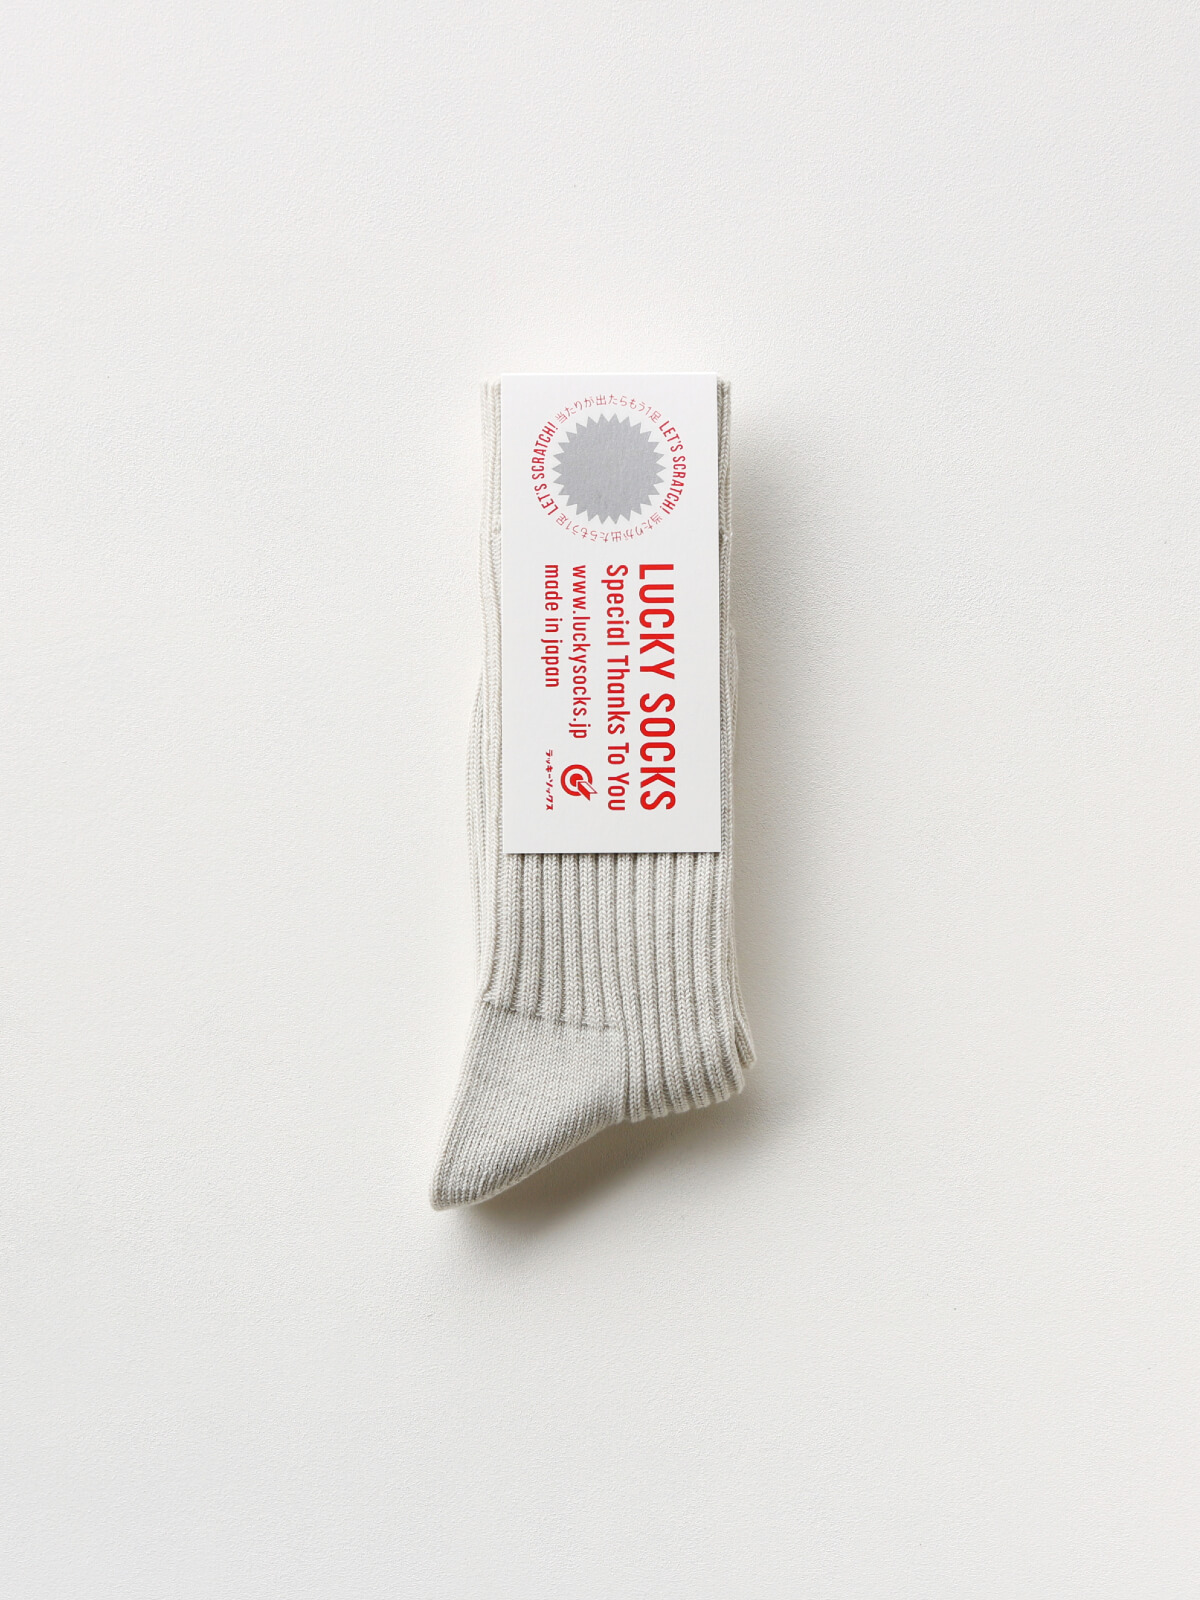 当たりつきギフト専用靴下のLUCKY SOCKS(ラッキーソックス)のSmooth Rib Socks(スムースリブソックス)のアイボリー_1